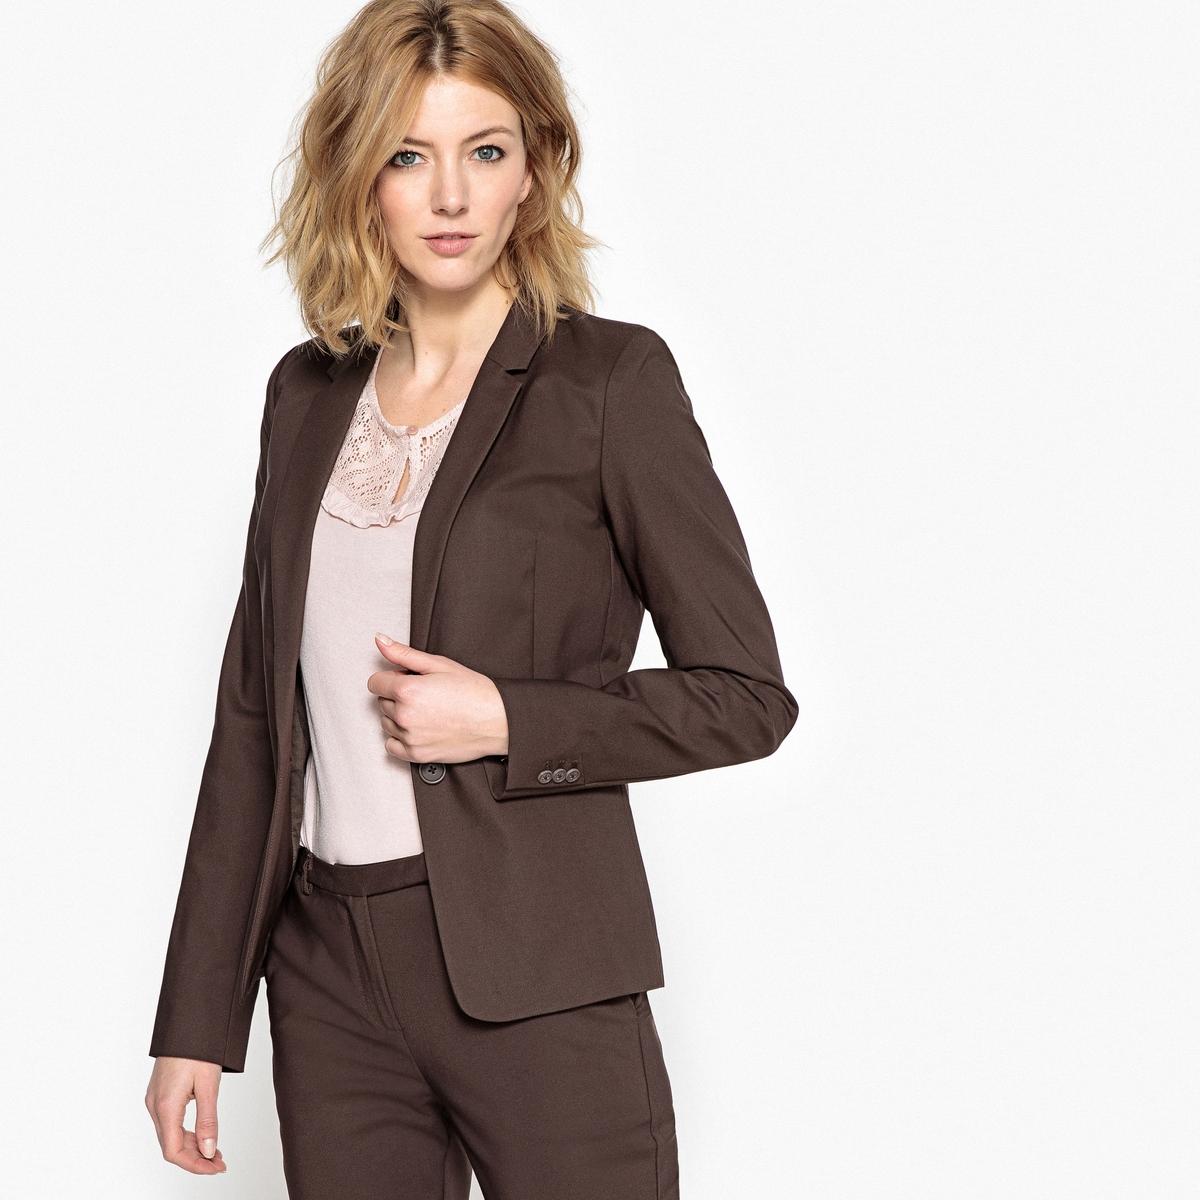 Куртка-блейзер приталеннаяОписание:Куртка-блейзер в городском стиле . Красивый приталенный покрой ! Ткань стрейч для большего комфорта .Детали •  Блейзер •  Приталенный покрой •  Длина : укороченная •  Воротник пиджачныйСостав и уход •  49% хлопка, 47% полиамида, 4% эластана  •  Подкладка : 100% хлопок •  Следуйте советам по уходу, указанным на этикетке •  Длина : 58 смЗастежка на пуговицу. Ложные прорезные карманы спереди . Длинные рукава с застежкой на пуговицы. Подкладка из хлопковой вуали.<br><br>Цвет: темно-синий,хаки,черный,шоколадный<br>Размер: 38 (FR) - 44 (RUS).38 (FR) - 44 (RUS).48 (FR) - 54 (RUS).40 (FR) - 46 (RUS).42 (FR) - 48 (RUS).38 (FR) - 44 (RUS).42 (FR) - 48 (RUS).46 (FR) - 52 (RUS).44 (FR) - 50 (RUS).50 (FR) - 56 (RUS).50 (FR) - 56 (RUS).50 (FR) - 56 (RUS)